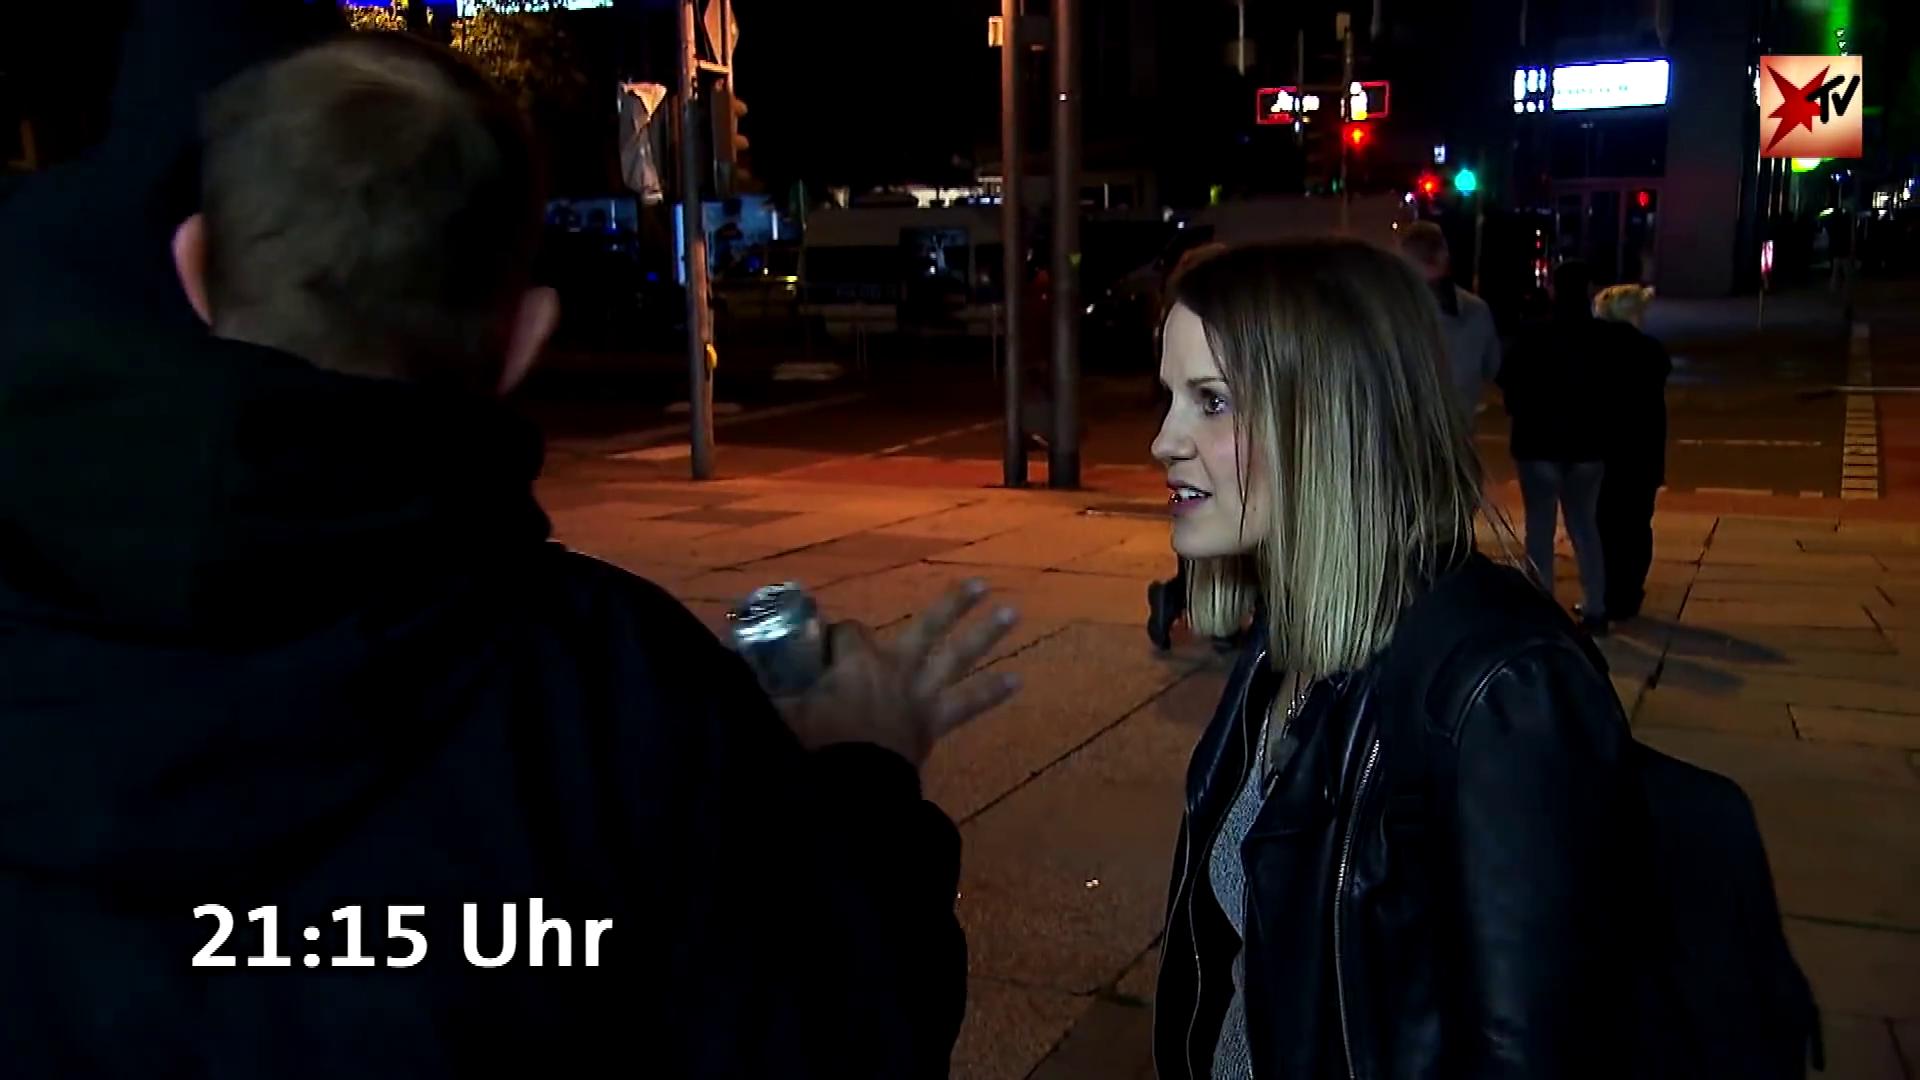 Stern TV in Chemnitz - Angriff auf Kameramann